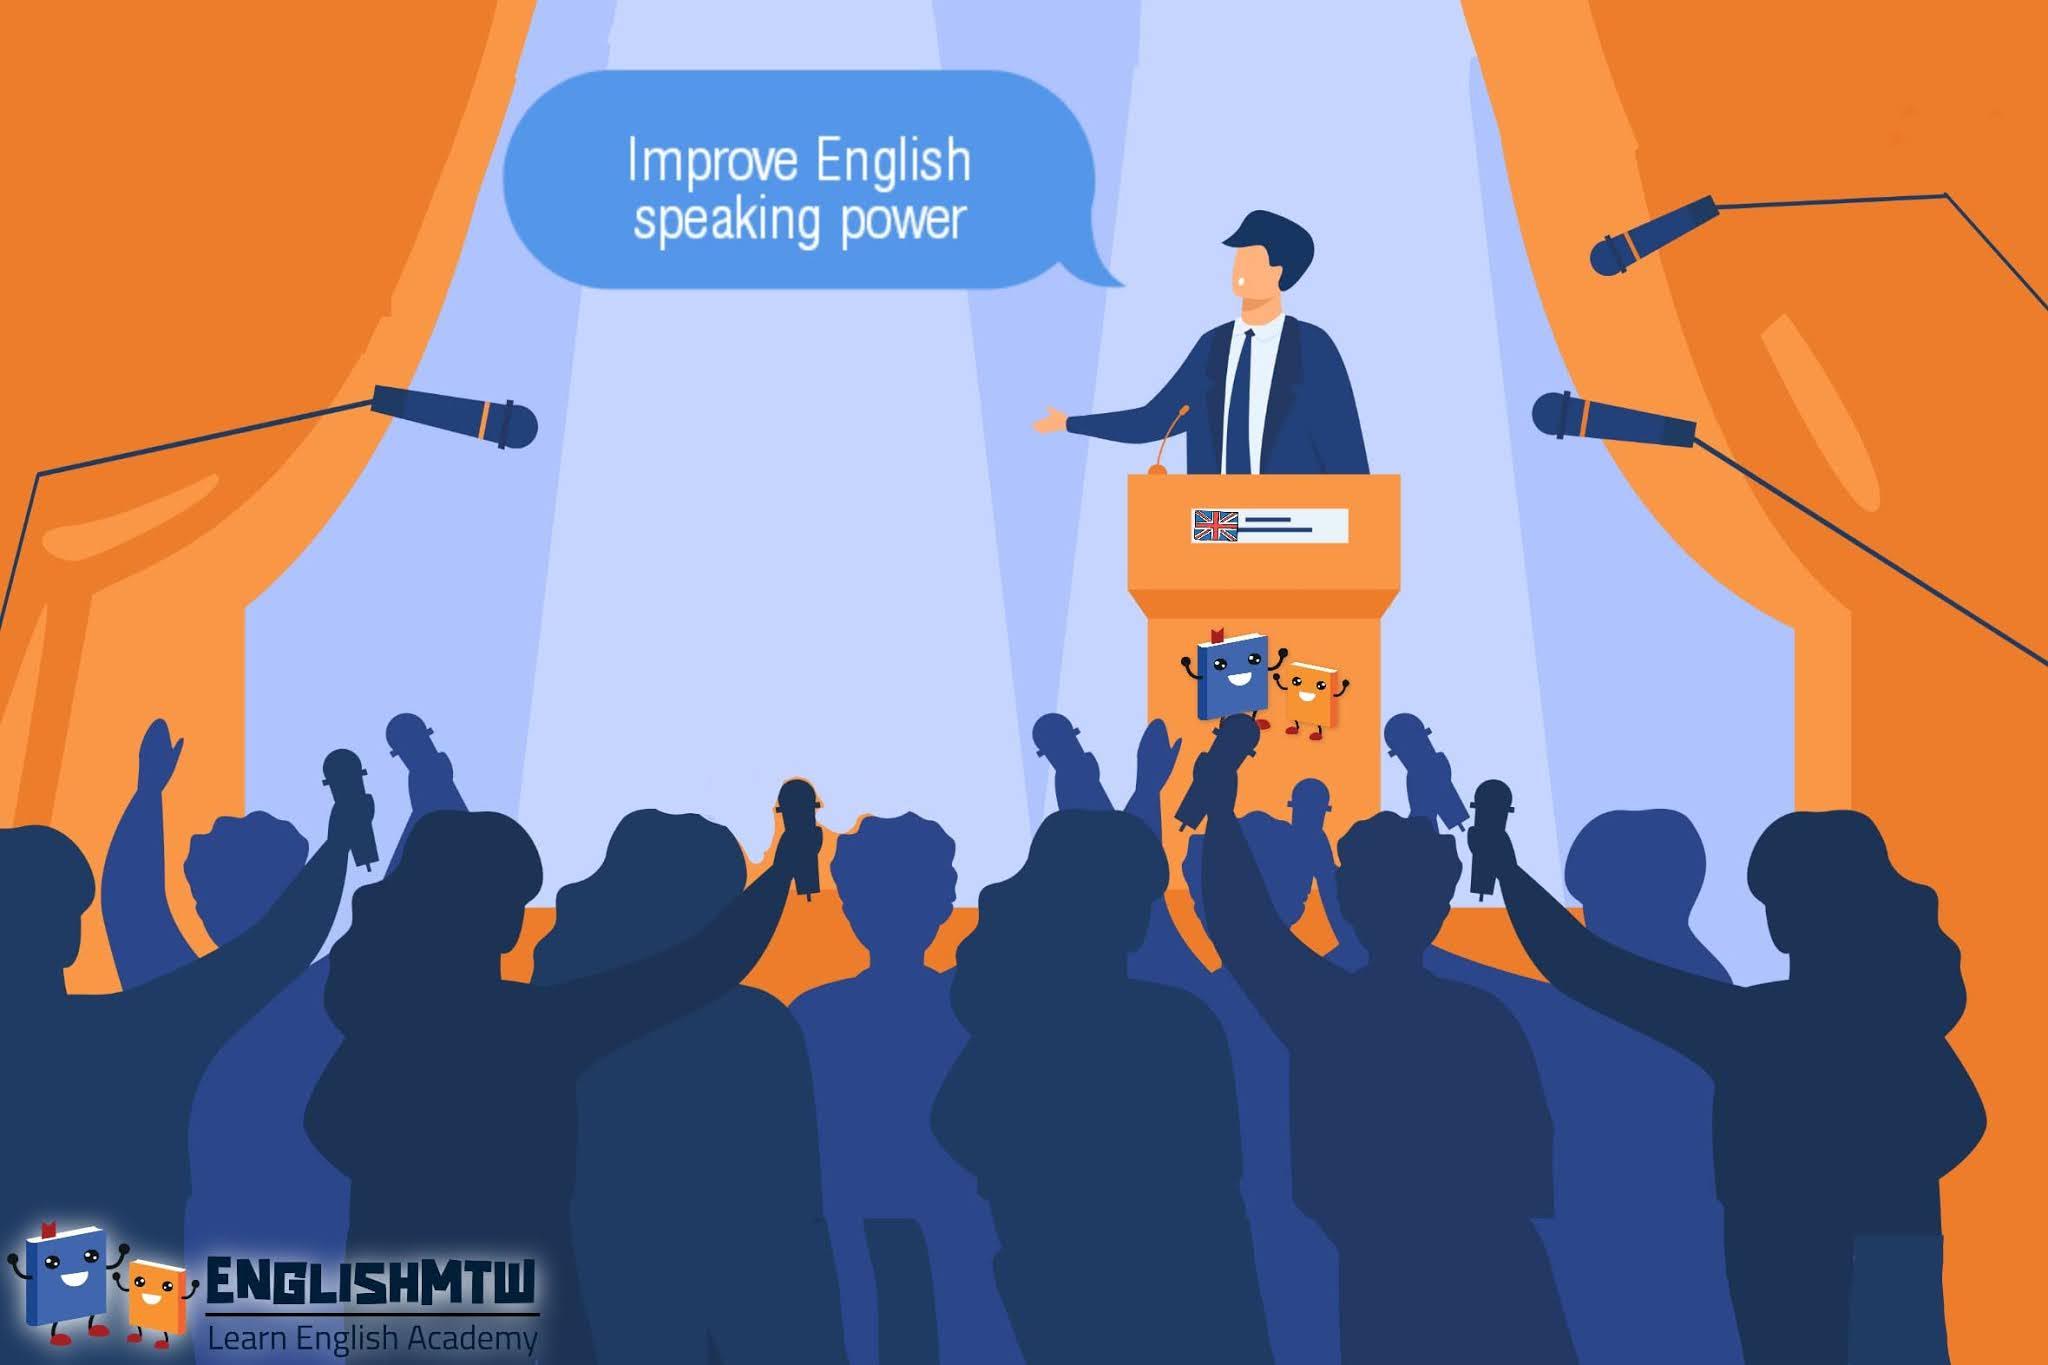 كيف اتكلم انجليزي مع الناس | حسِّن من قوة التحدث لديك من خلال 7 تقنيات قوية ومثبتة